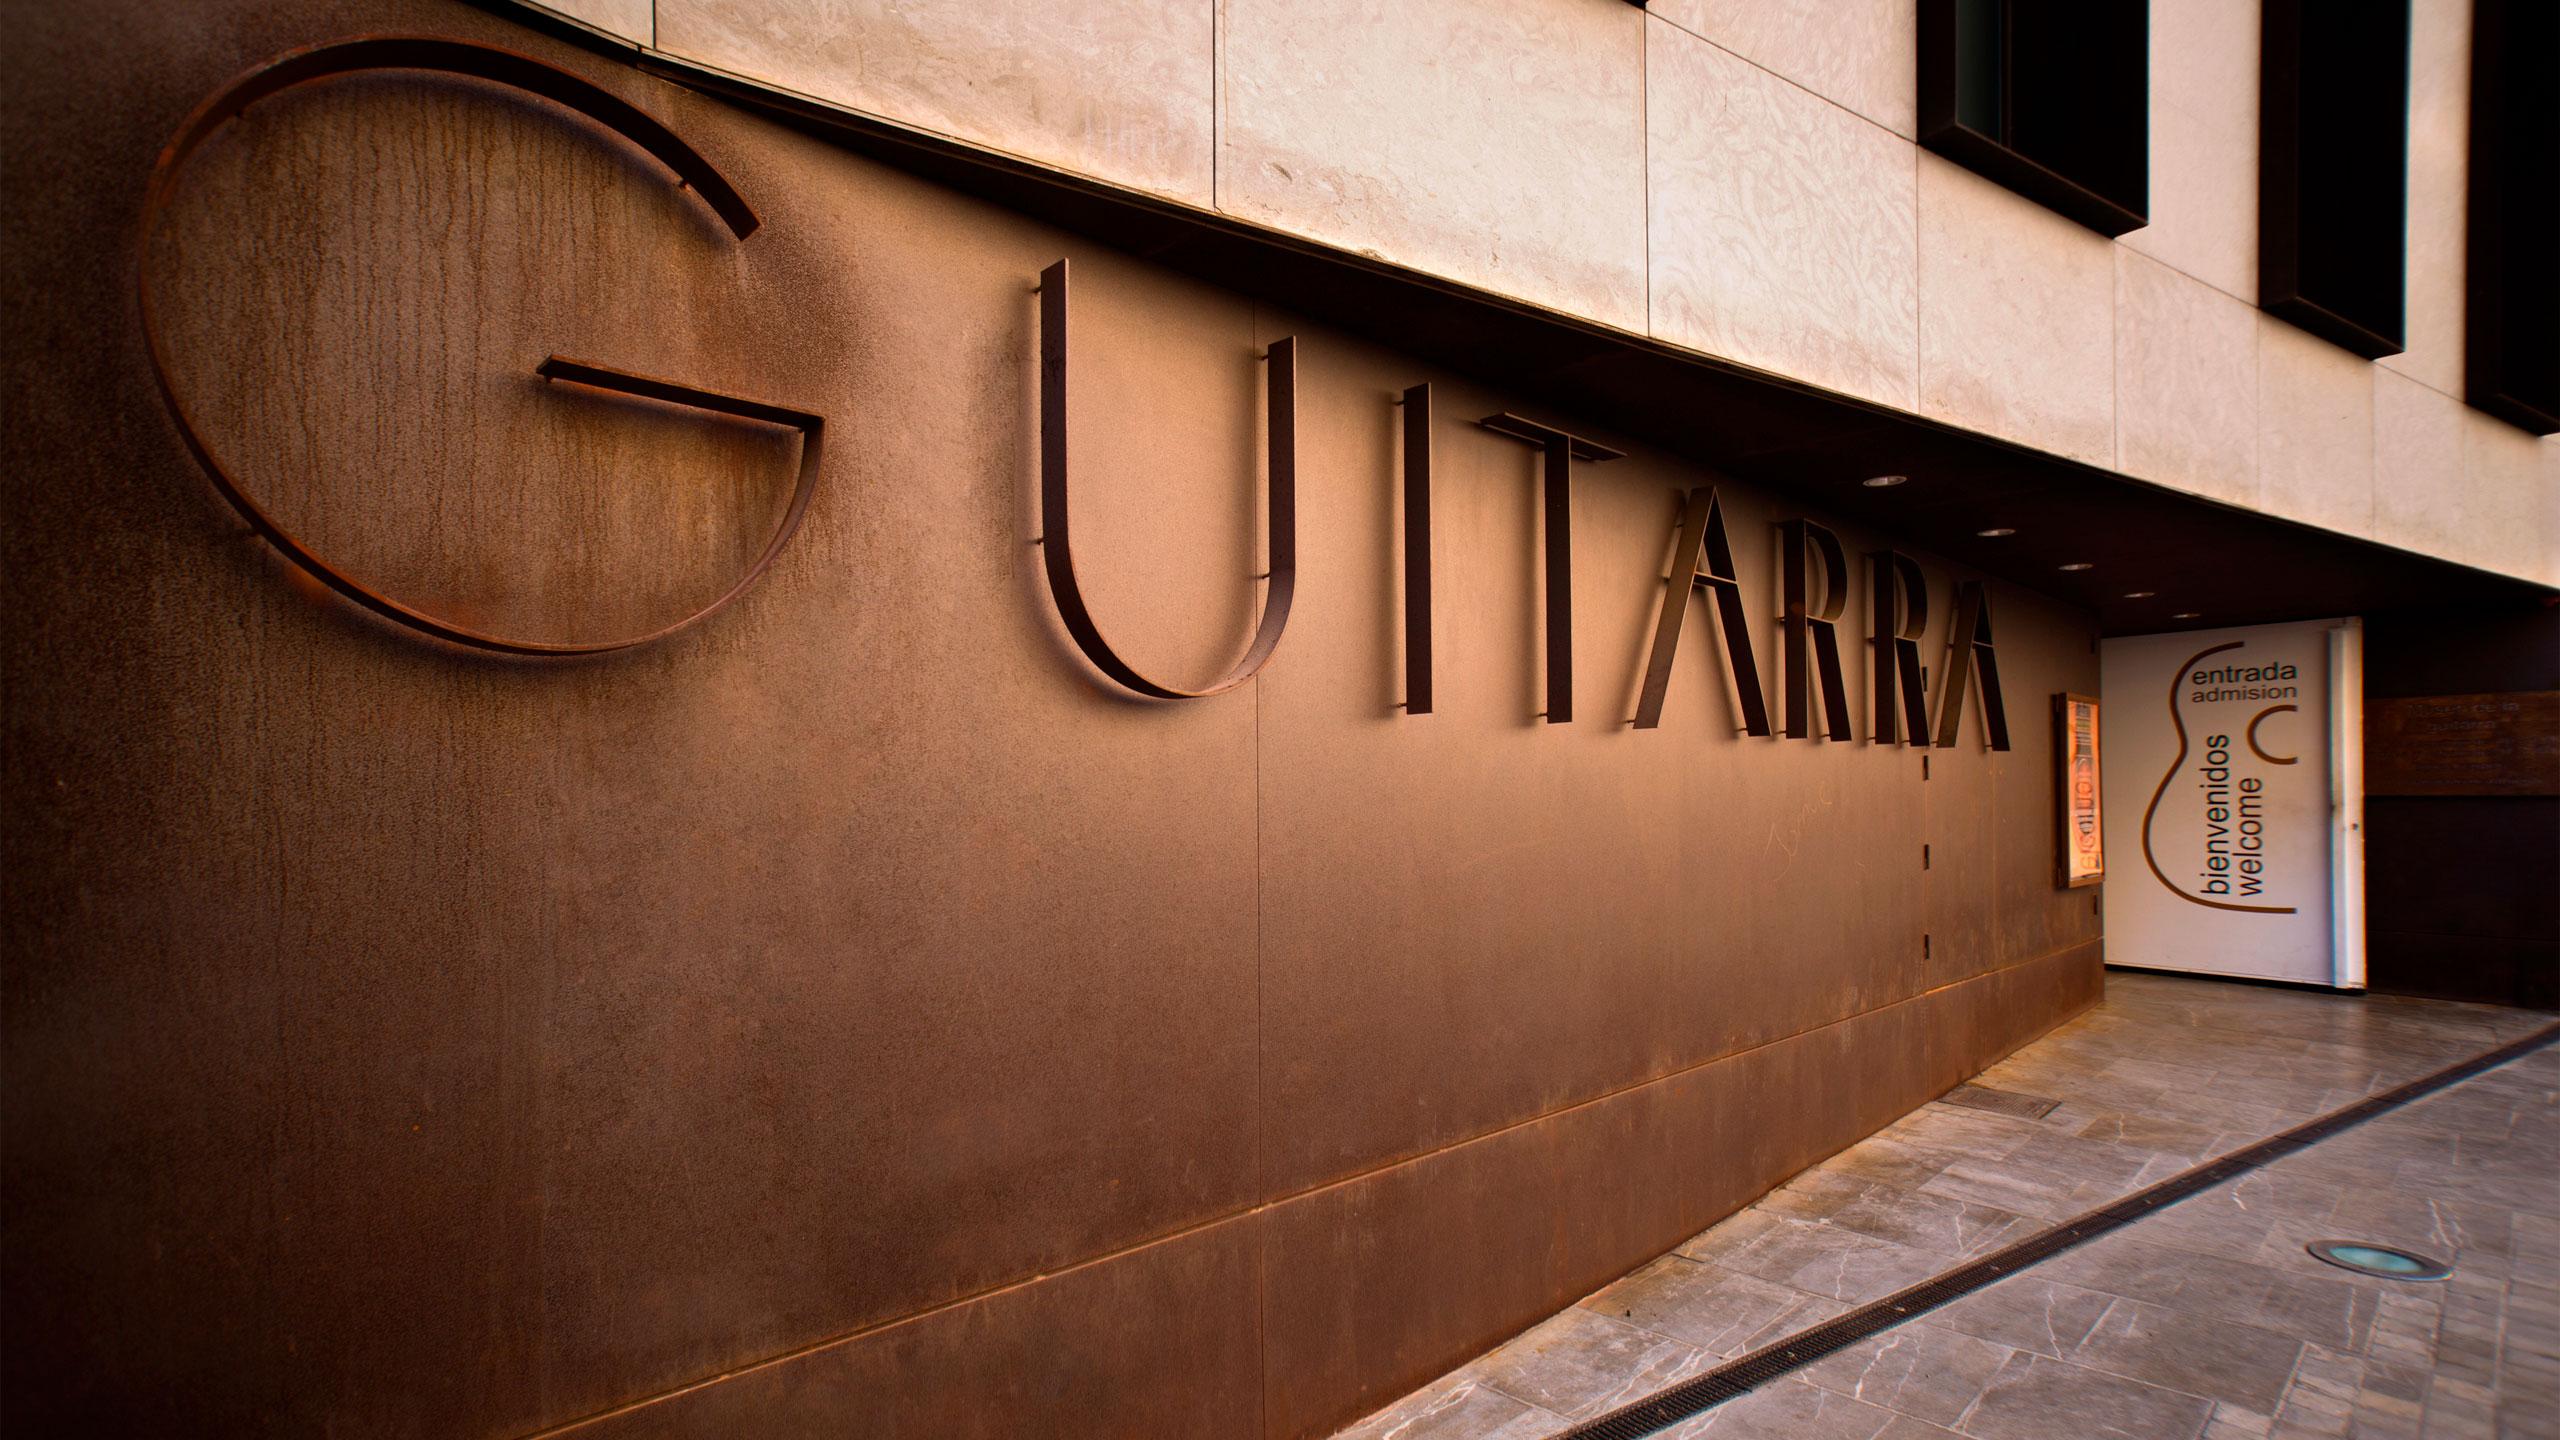 Museum of guitar Almeria